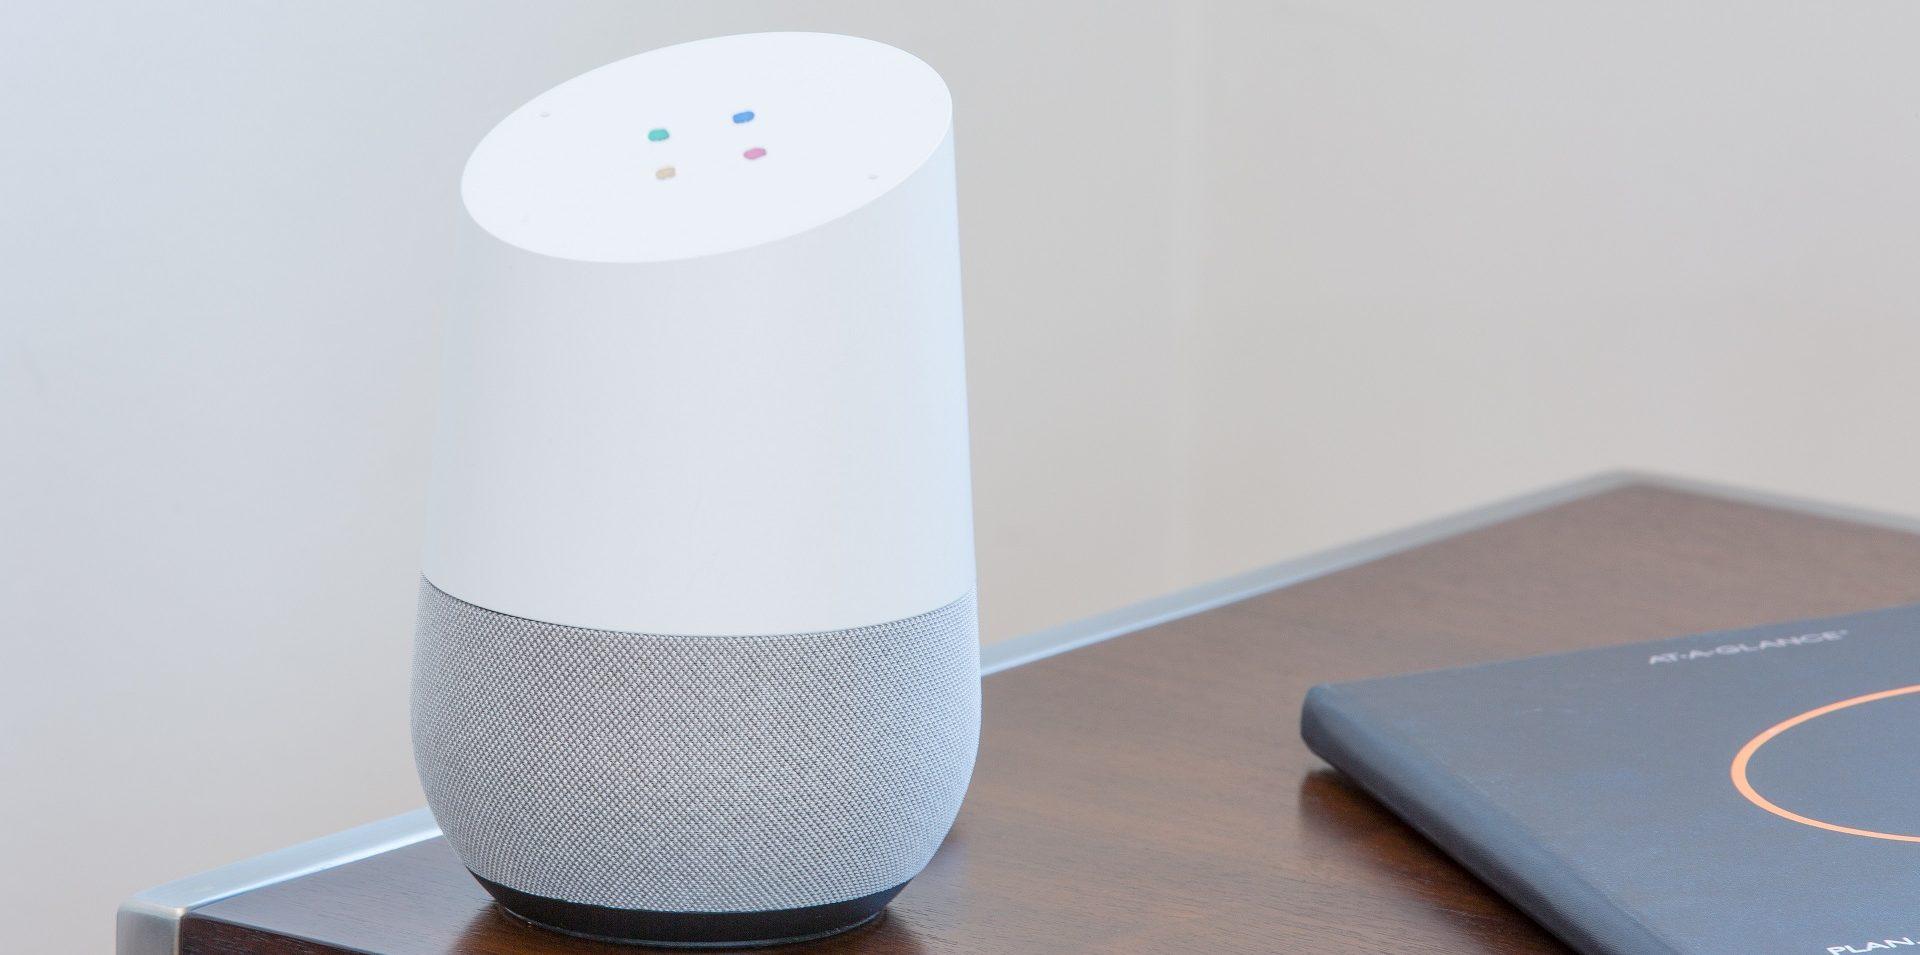 Bild des Google Home Sprachassistenten